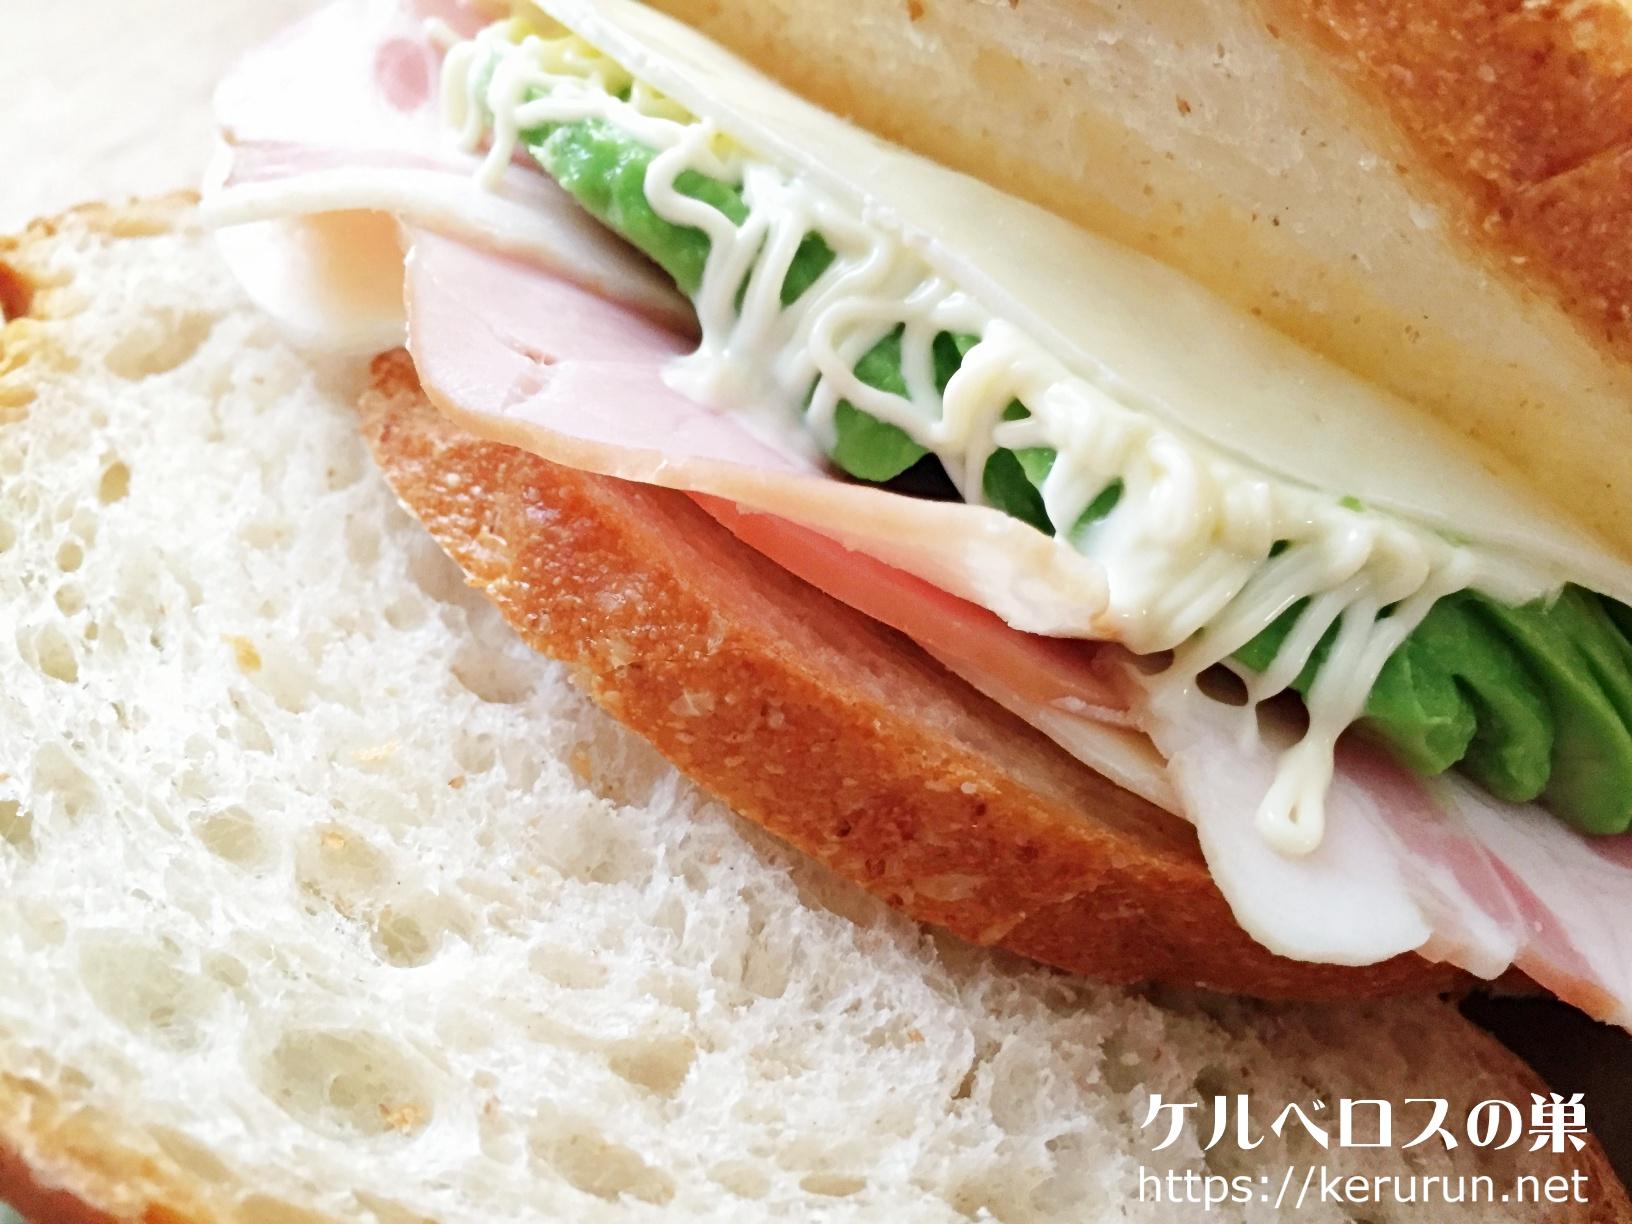 カントリーフレンチホールウィートブレッドのサンドイッチ